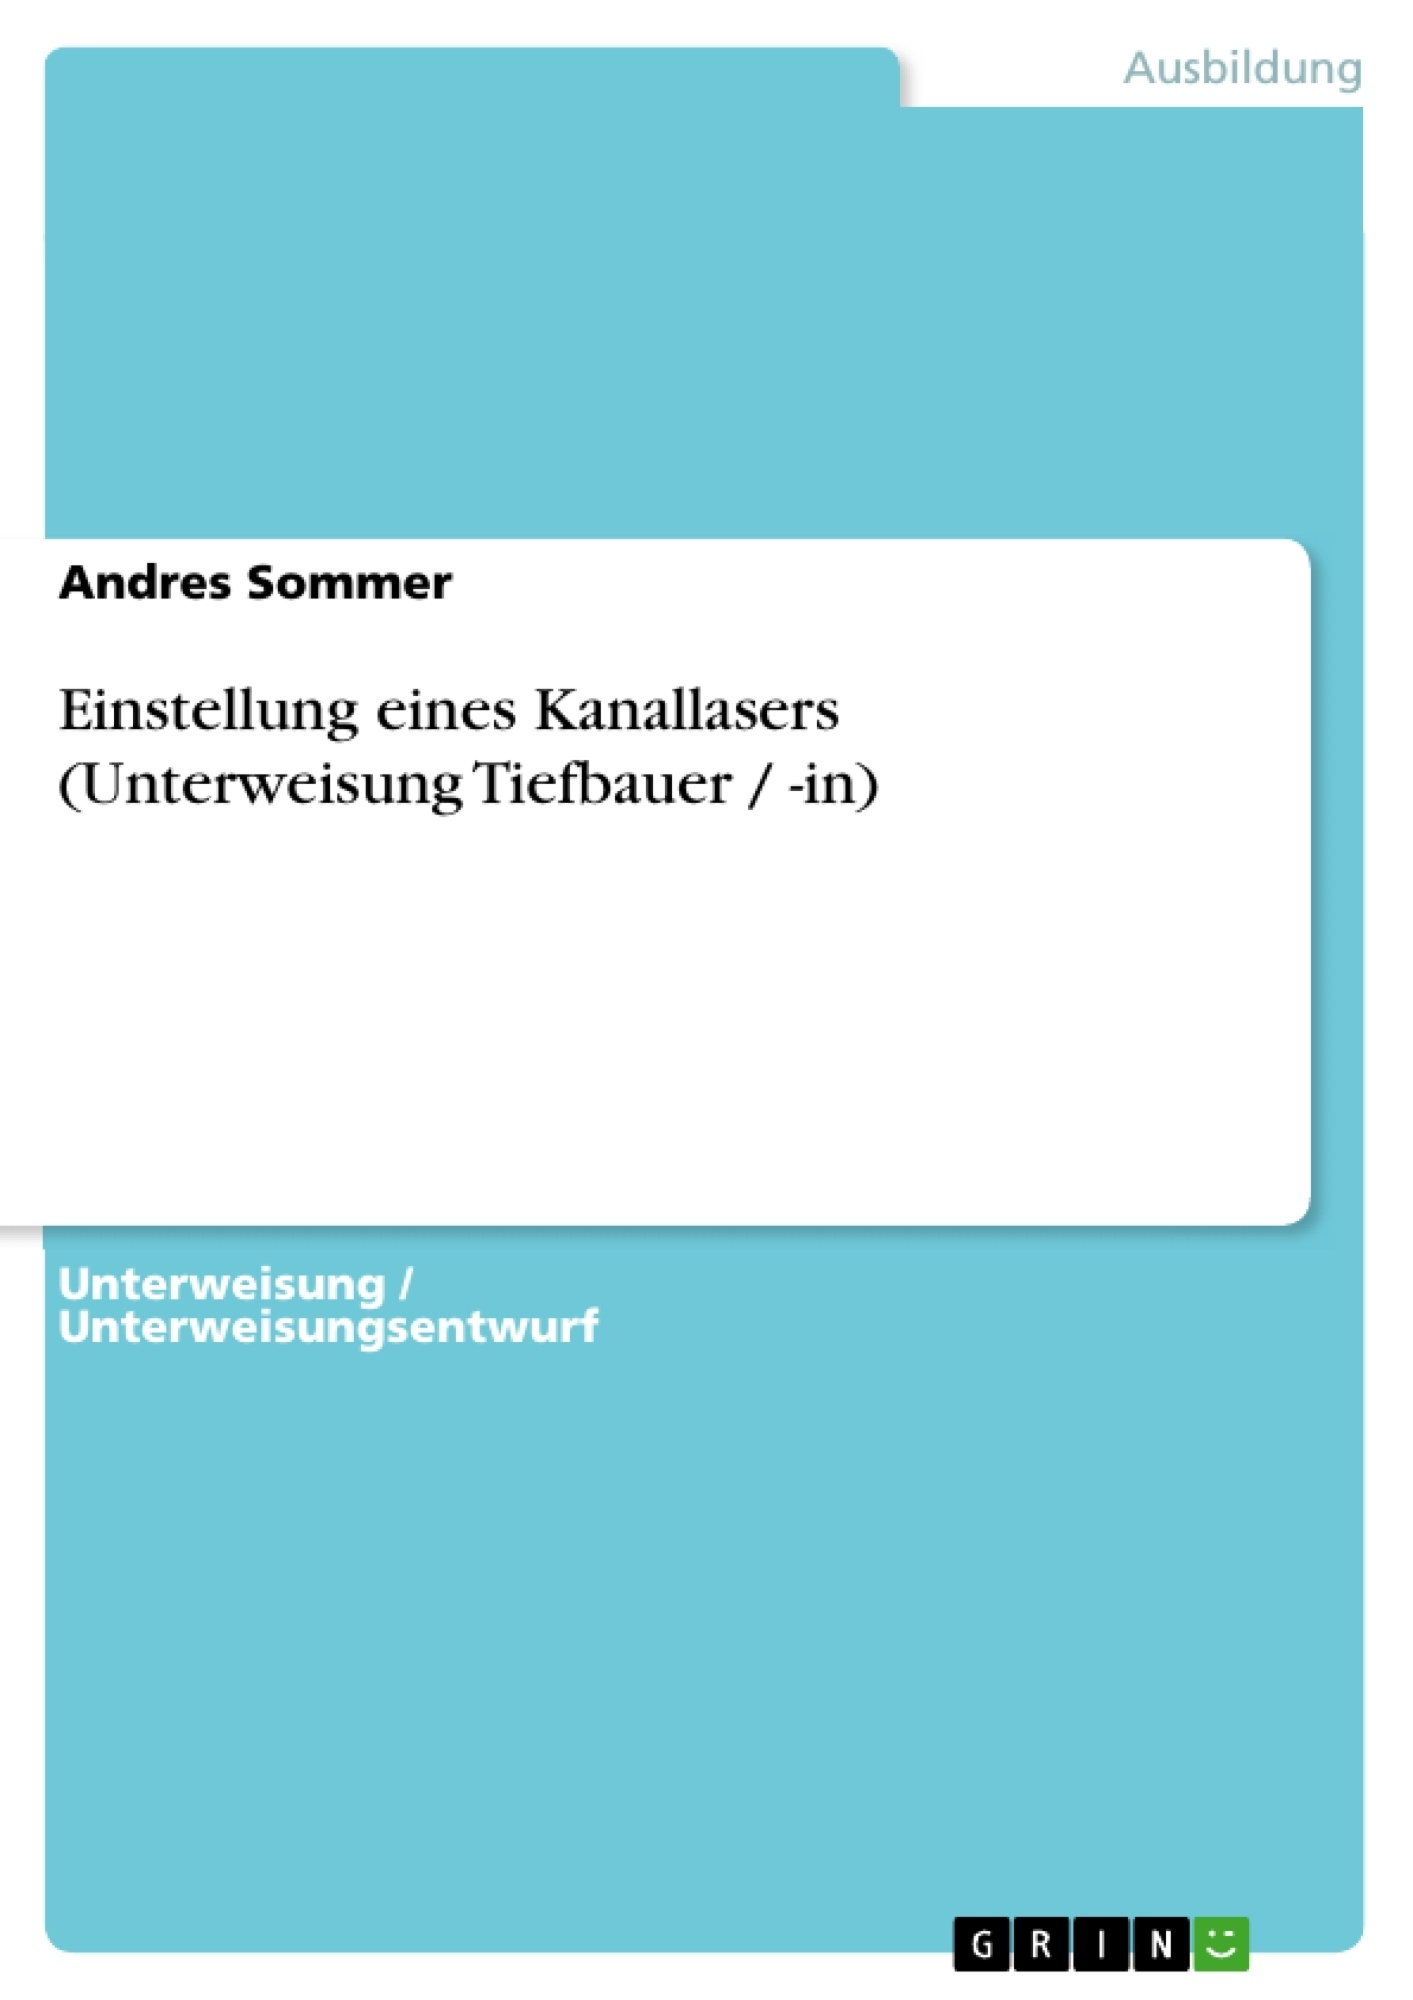 Titel: Einstellung eines Kanallasers (Unterweisung Tiefbauer / -in)